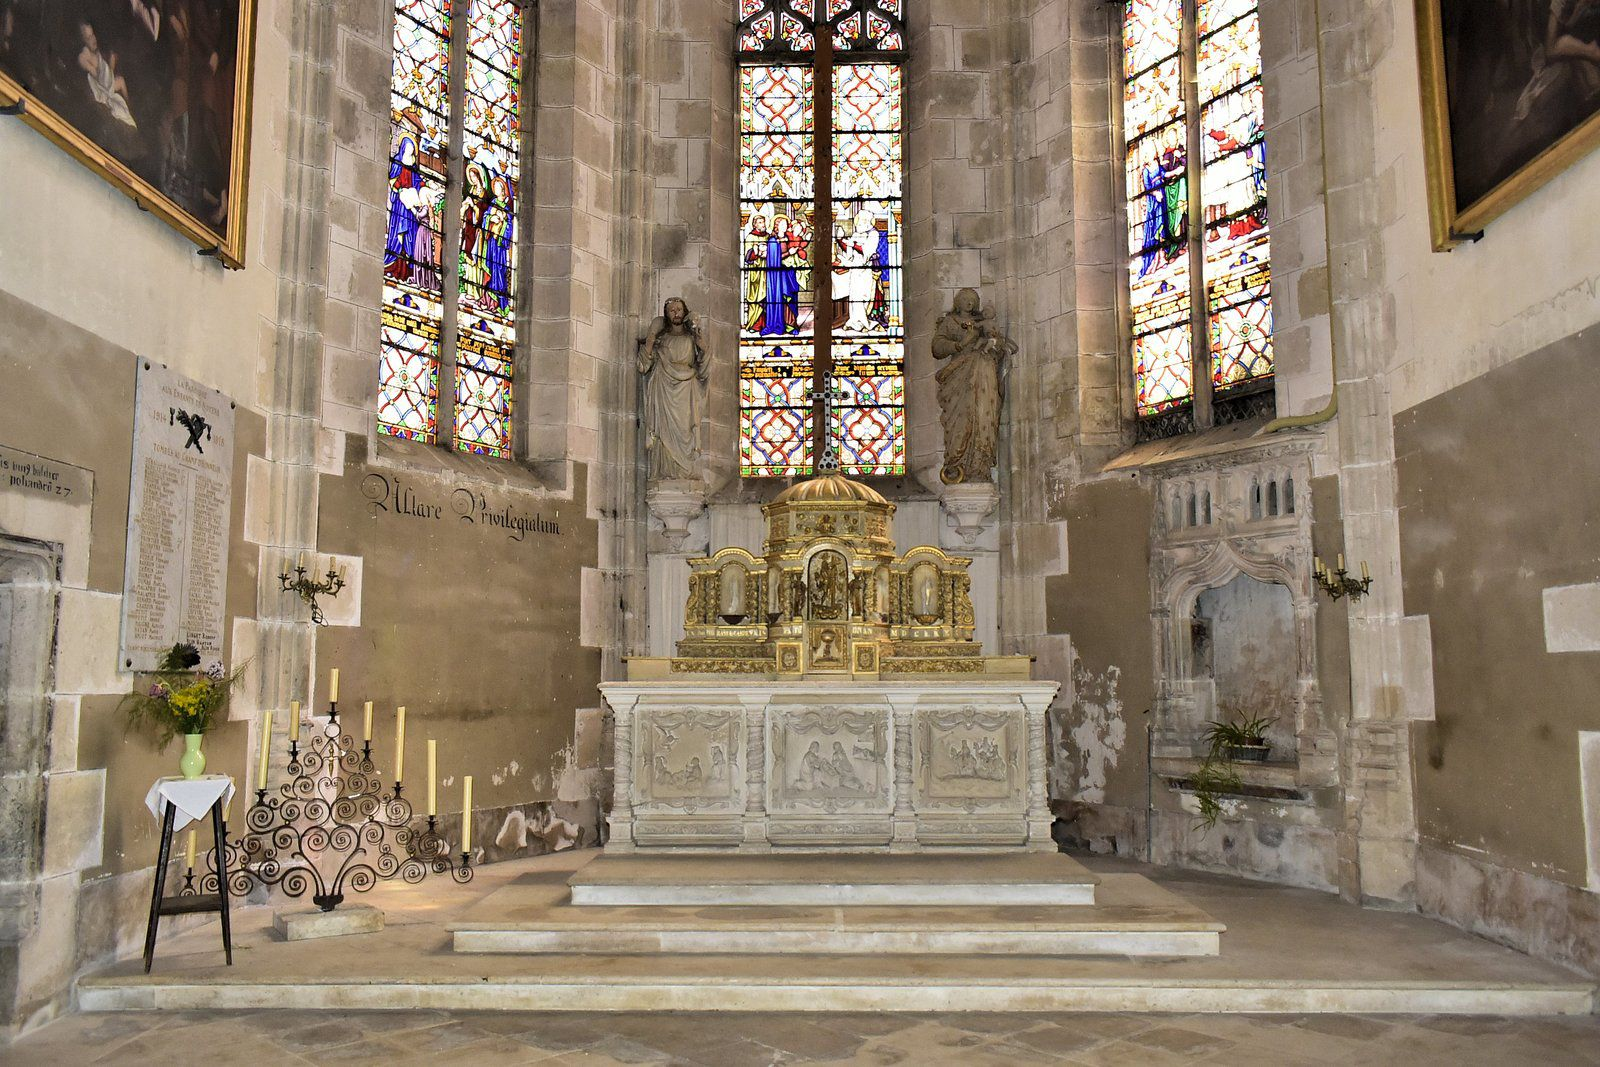 Les travaux ont débuté le 3 mai 1491 et l'église a été consacrée le 25 août 1515. Ces dates sont indiquées sur le linteau de la porte de la sacristie, à gauche du coeur.